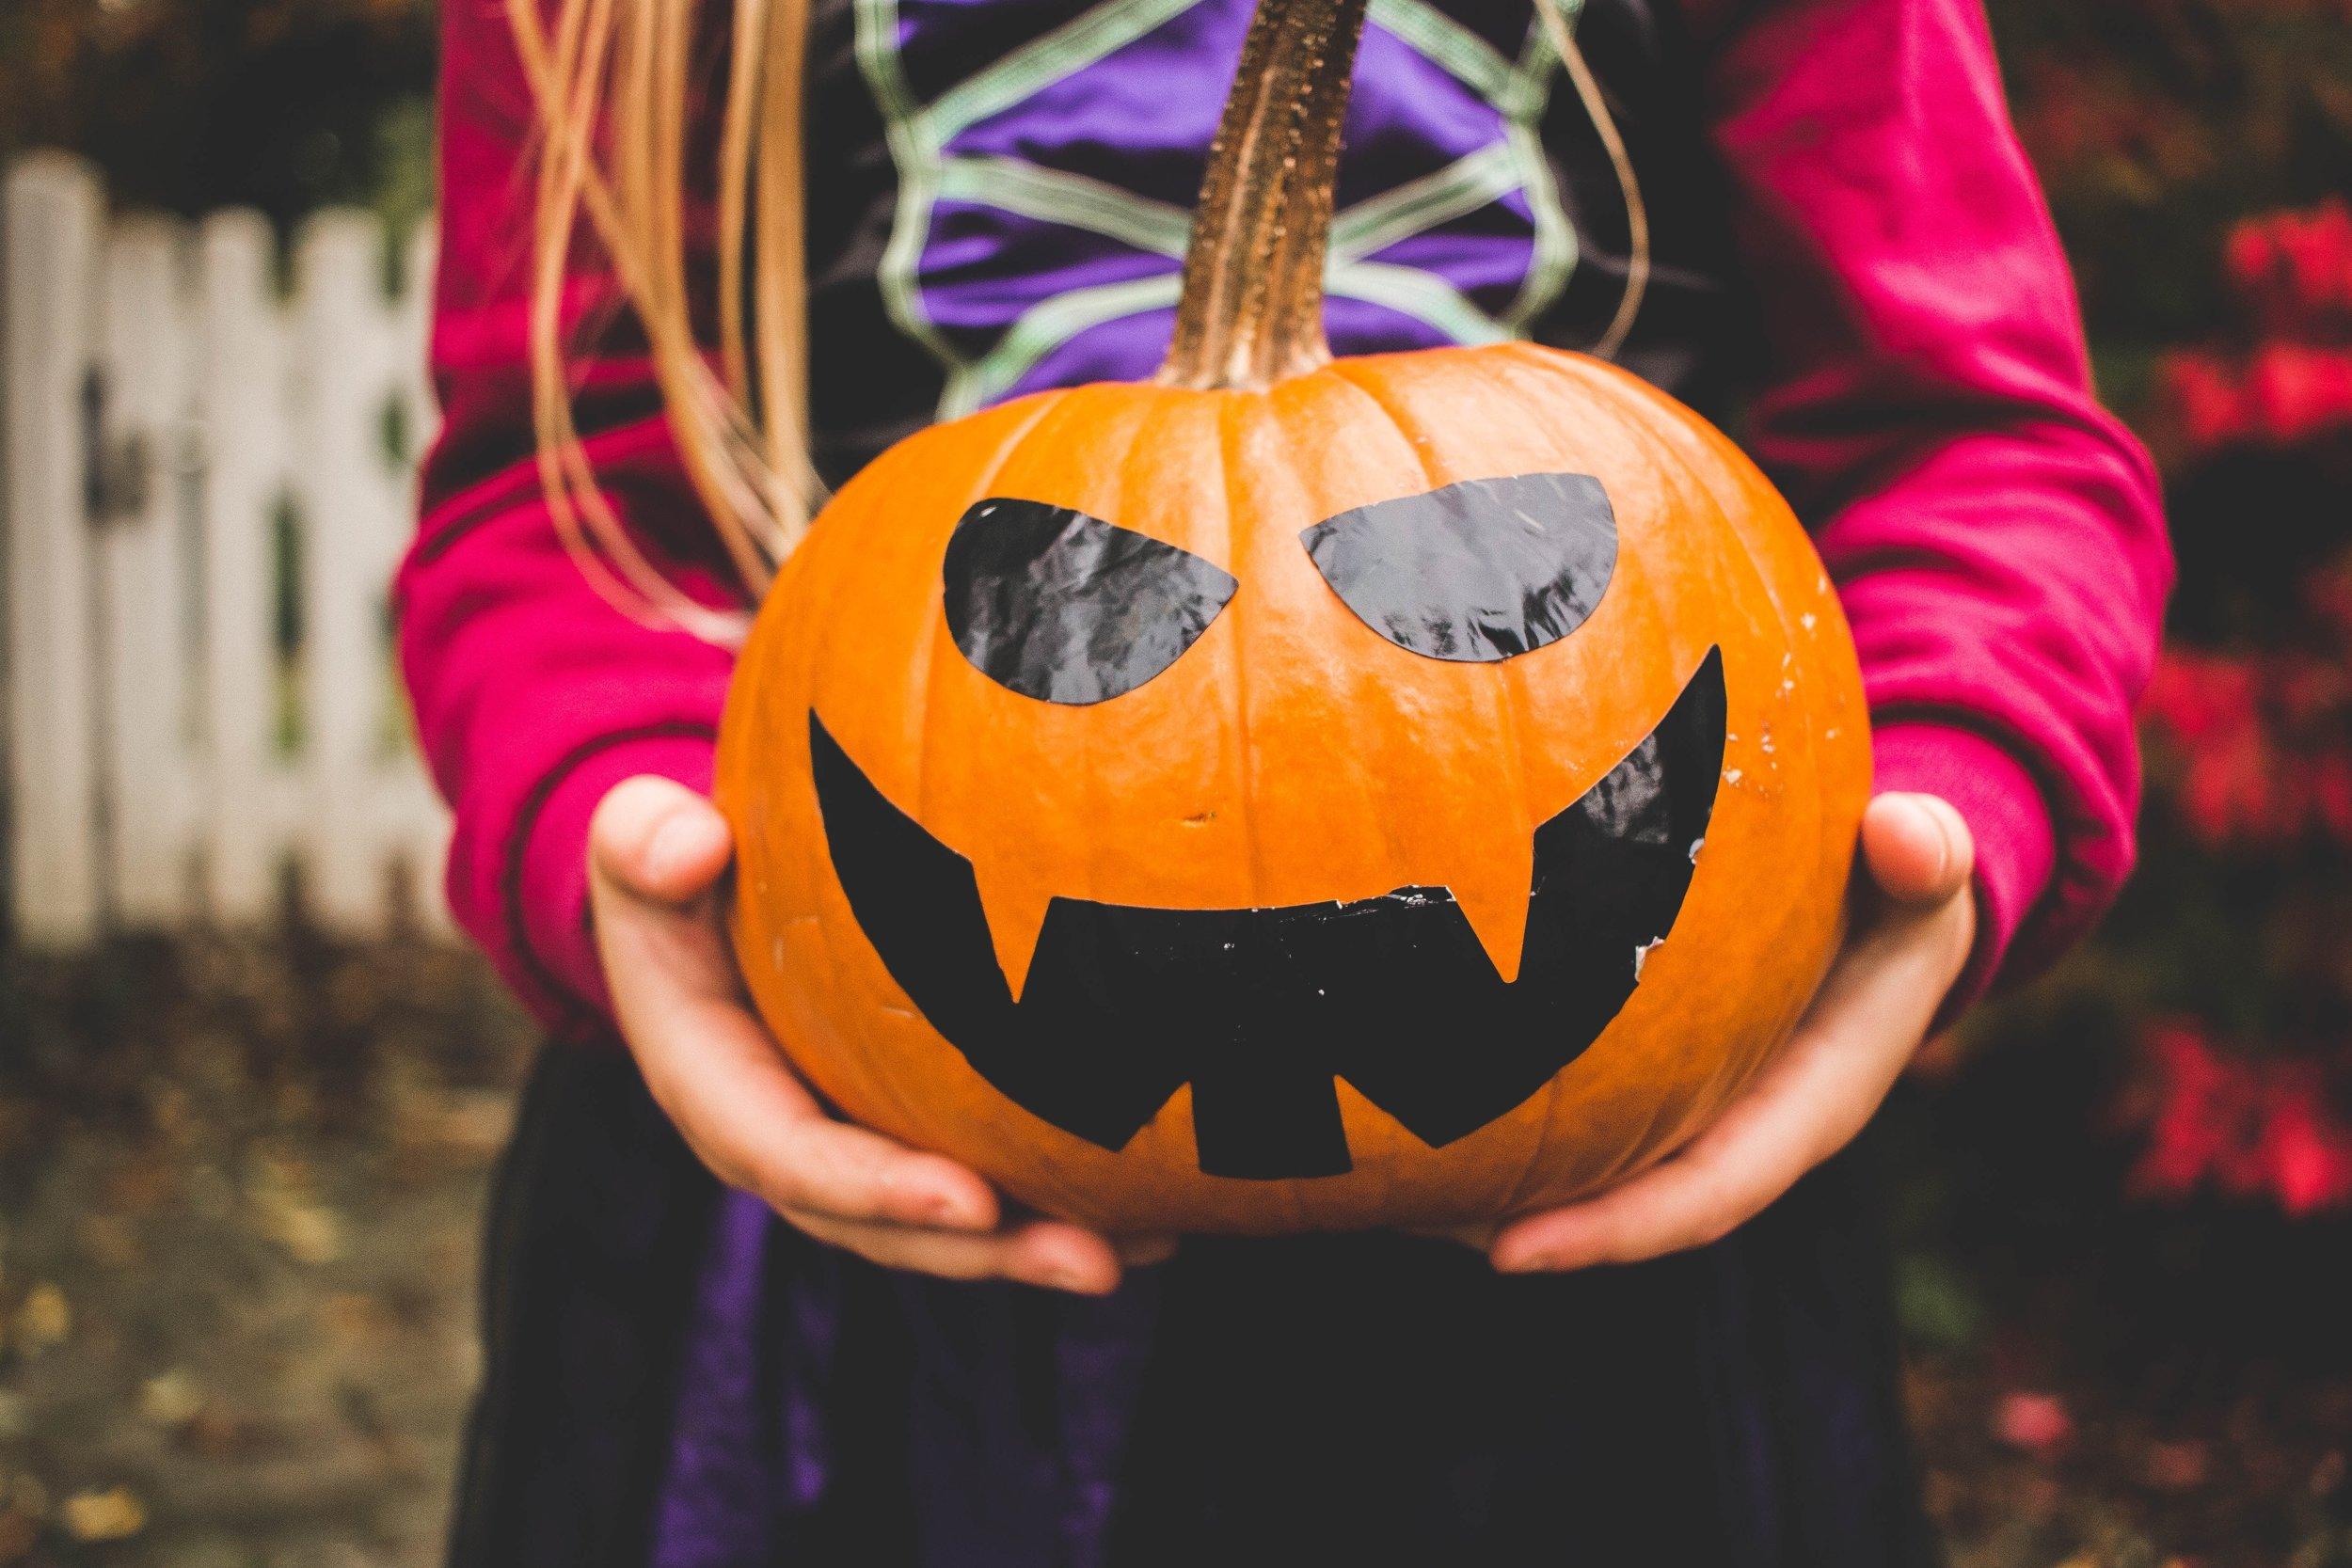 kid holding a pumpkin, Halloween